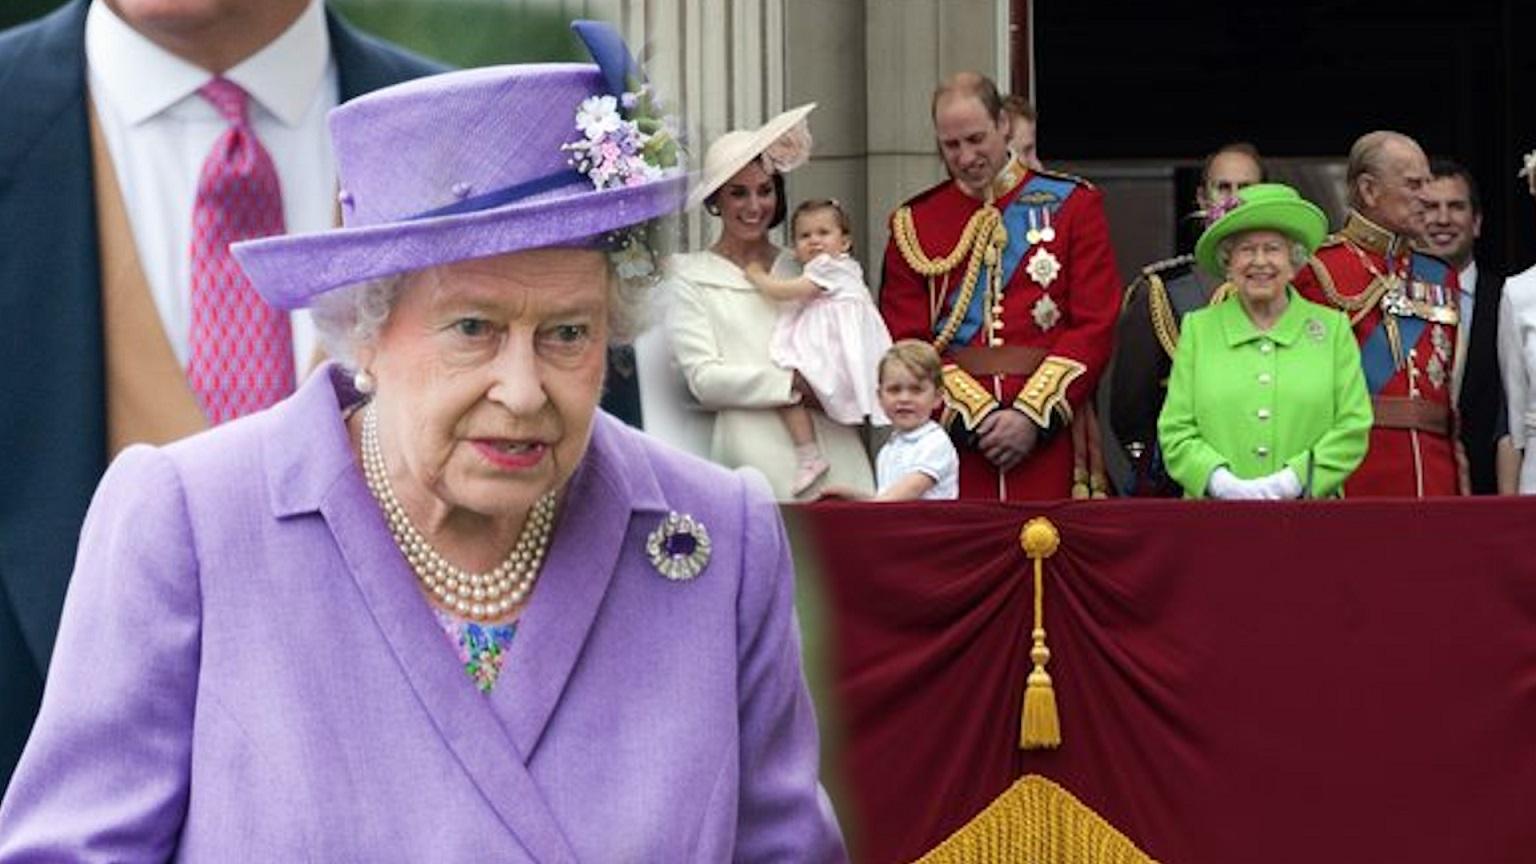 Pałac Buckingham szuka pracownika. Może właśnie Ty poznasz rodzinę królewską